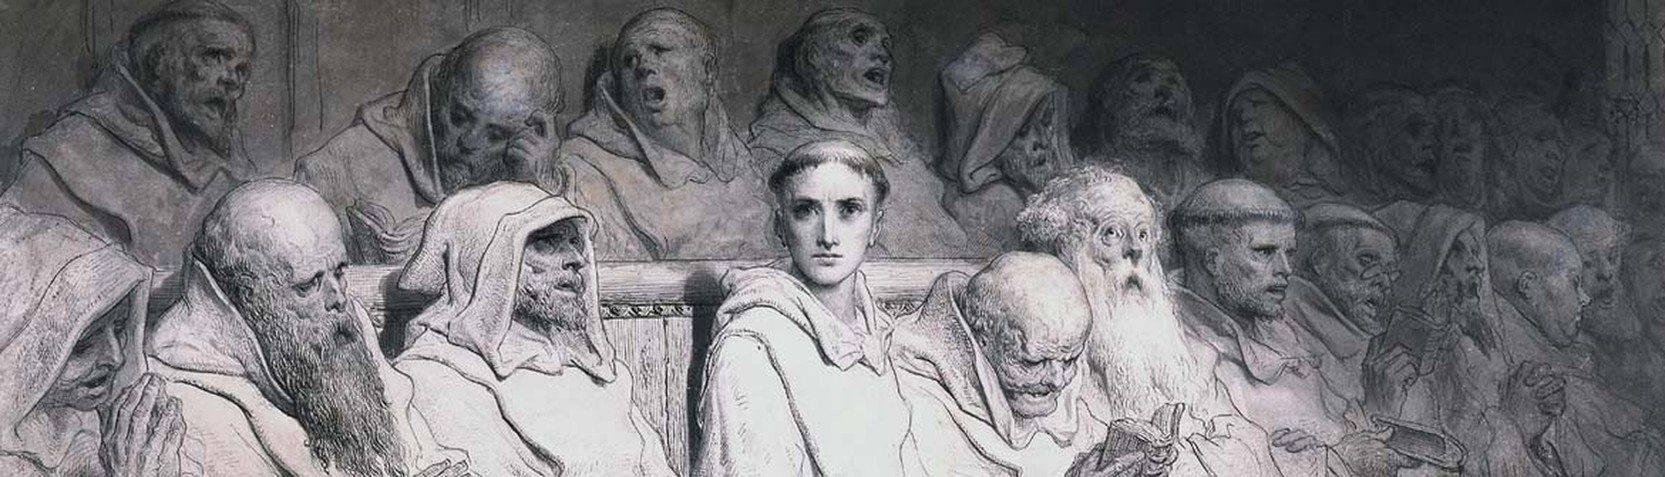 Artisti - Gustave Doré